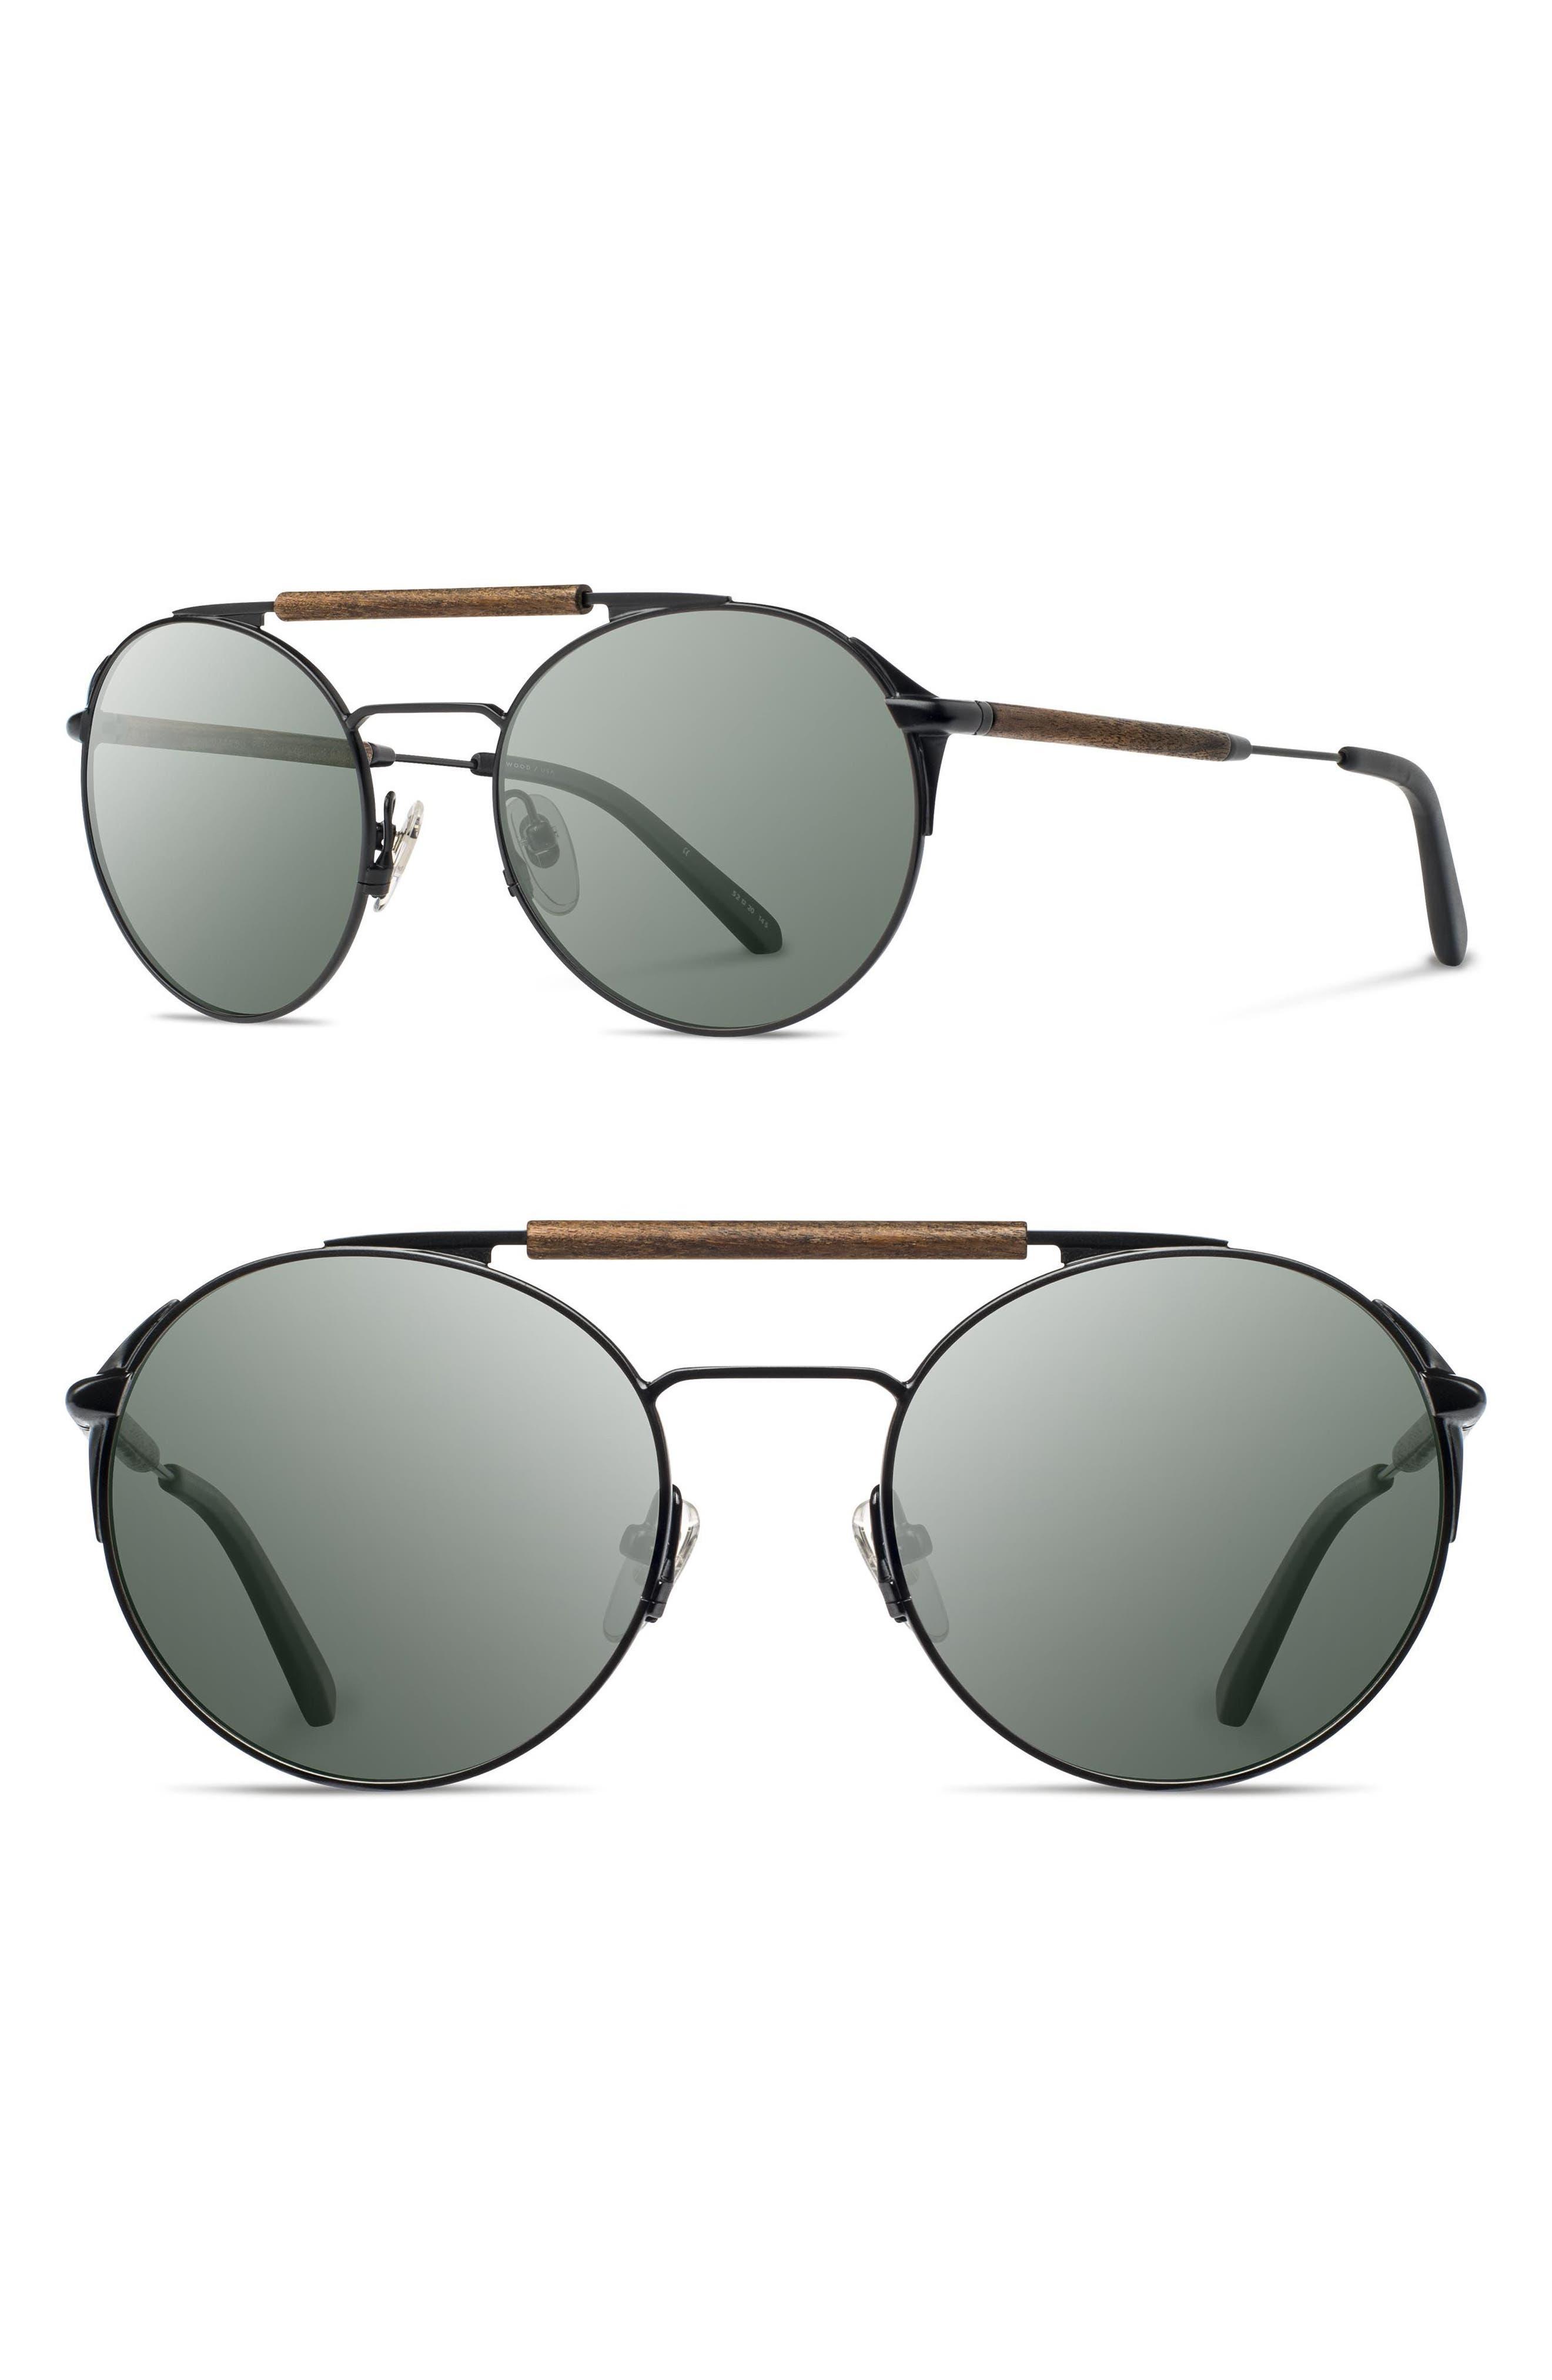 Bandon 52mm Round Sunglasses,                             Main thumbnail 1, color,